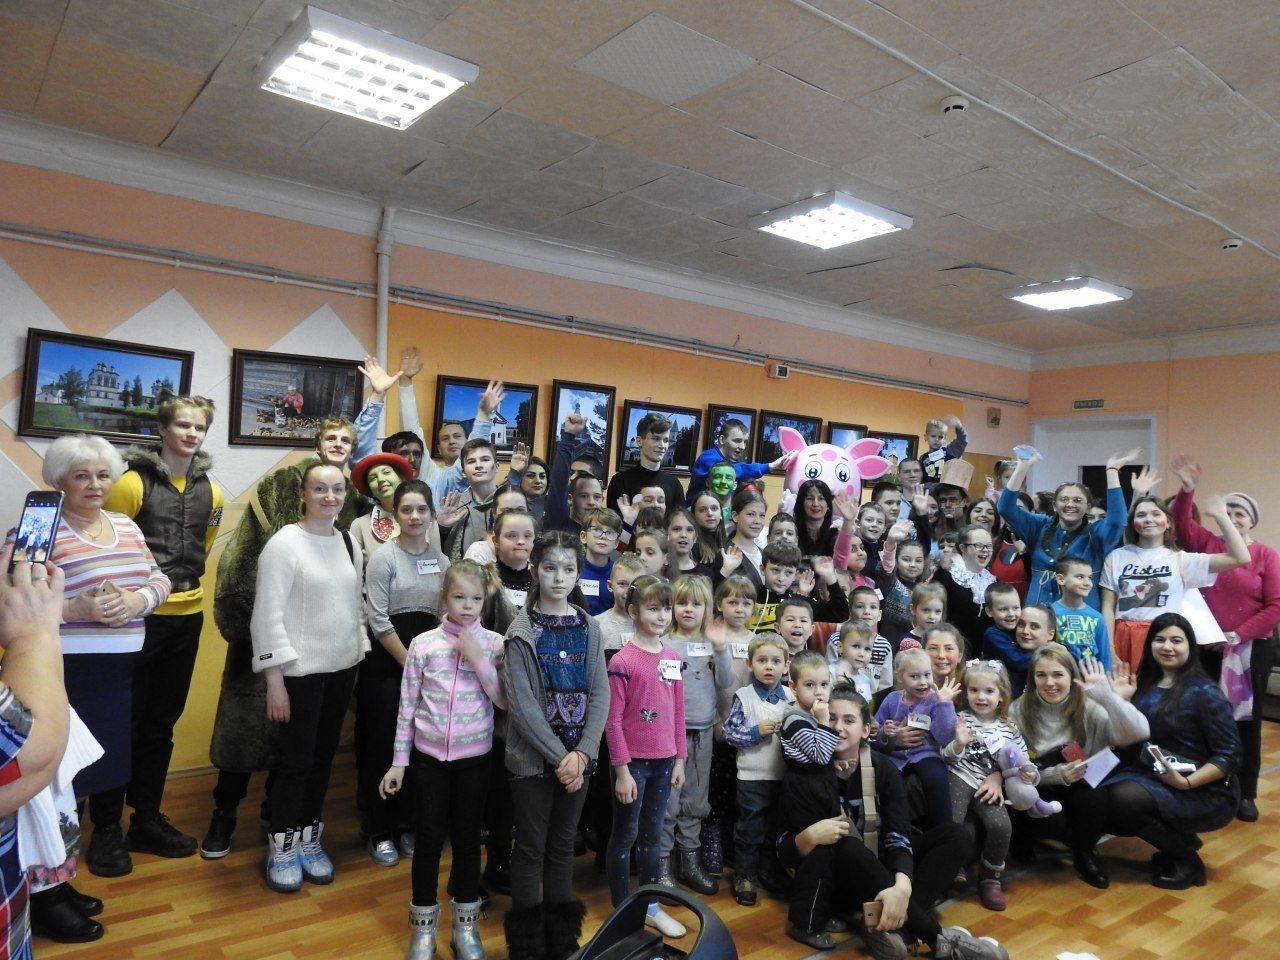 В Социально-реабилитационном центре «Радимичи» играли все месте: дети, родители, бабушки, дедушки и волонтеры.